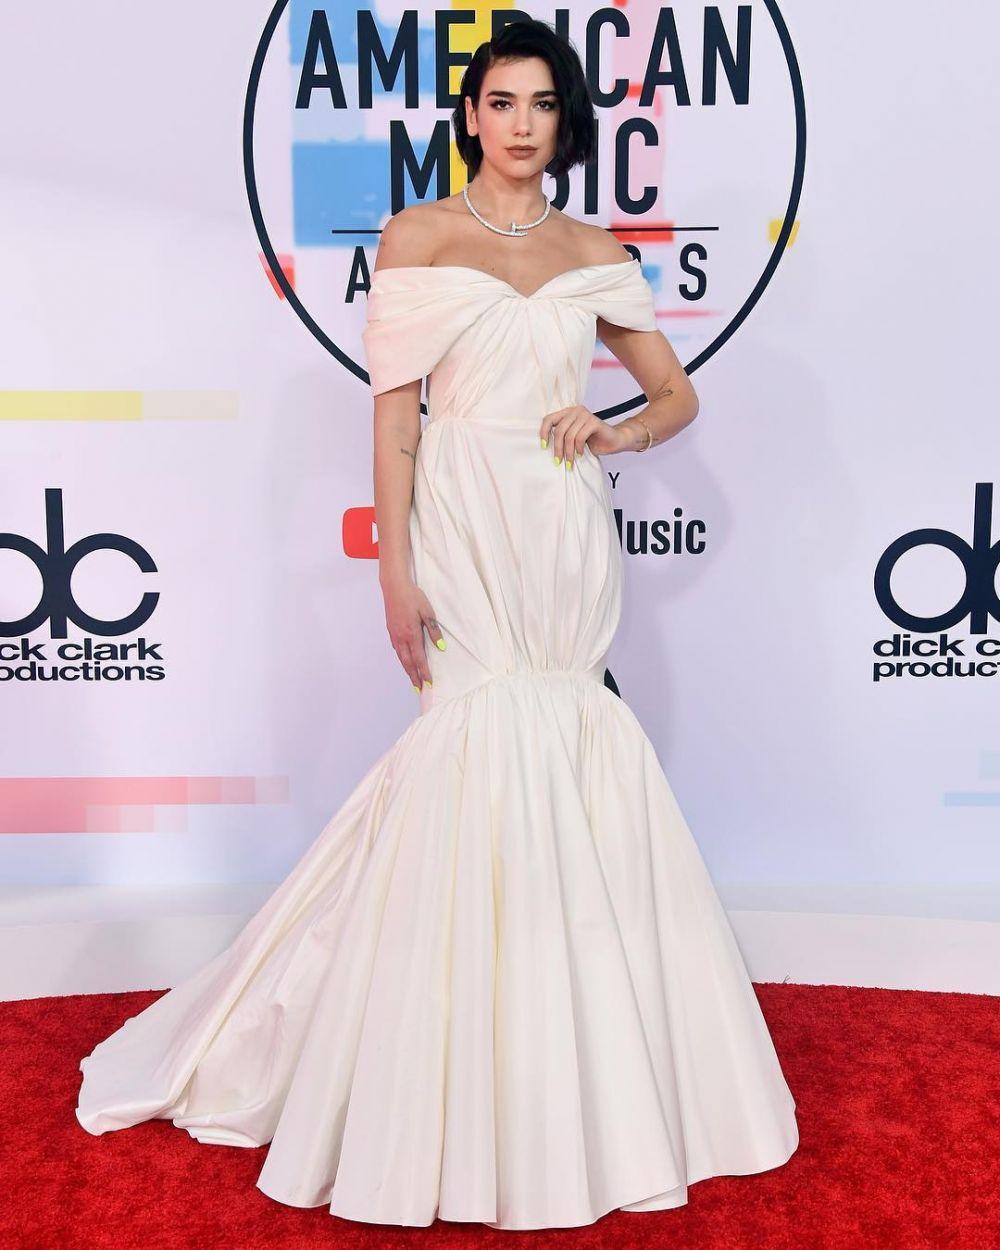 Британская певица Дуа Липа надела белое платье необычного кроя очень смахивающее на обертку от конфеты.